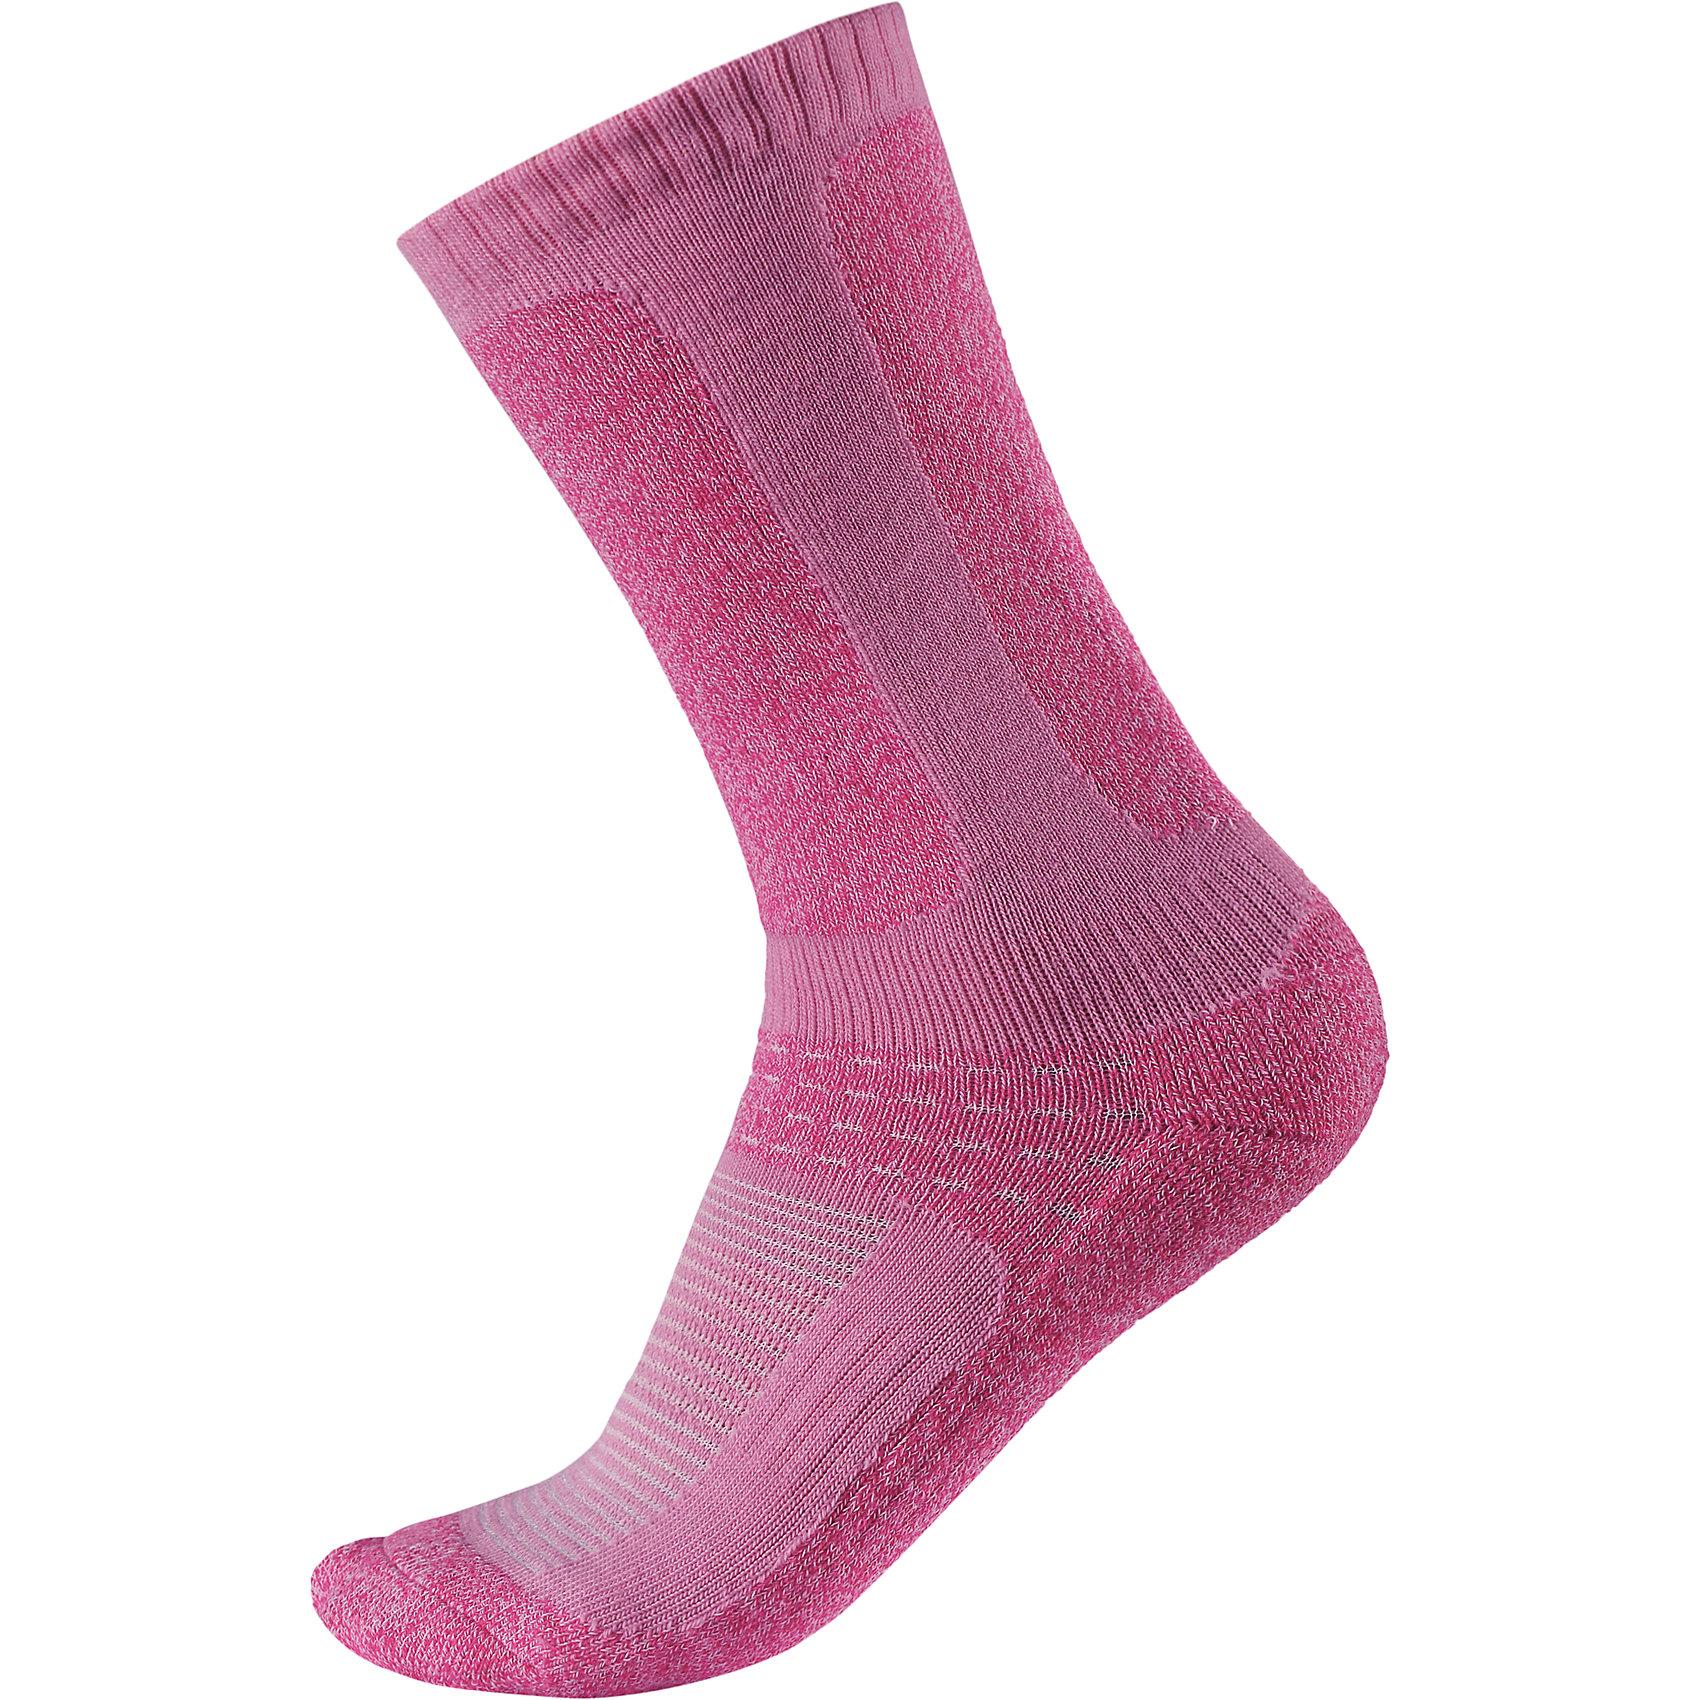 Носки Loma для девочки ReimaОдежда<br>Носки  Reima<br>Носки для детей и подростков. Coolmax® отводит влагу, а шерсть сохраняет тепло. Мягкий теплый футер с внутренней стороны для максимального комфорта. Накладки на ступнях, лодыжках и больших пальцах. Благодаря удлиненной вязаной резинке носок не съезжает. Быстро сохнет и сохраняет тепло.<br>Уход:<br>0<br>Состав:<br>24% Шерсть, 66% полиэстер COOLMAX®, 5% эластан, 5% полиамид<br><br>Ширина мм: 87<br>Глубина мм: 10<br>Высота мм: 105<br>Вес г: 115<br>Цвет: розовый<br>Возраст от месяцев: 24<br>Возраст до месяцев: 36<br>Пол: Женский<br>Возраст: Детский<br>Размер: 26,30,38,34<br>SKU: 4774965